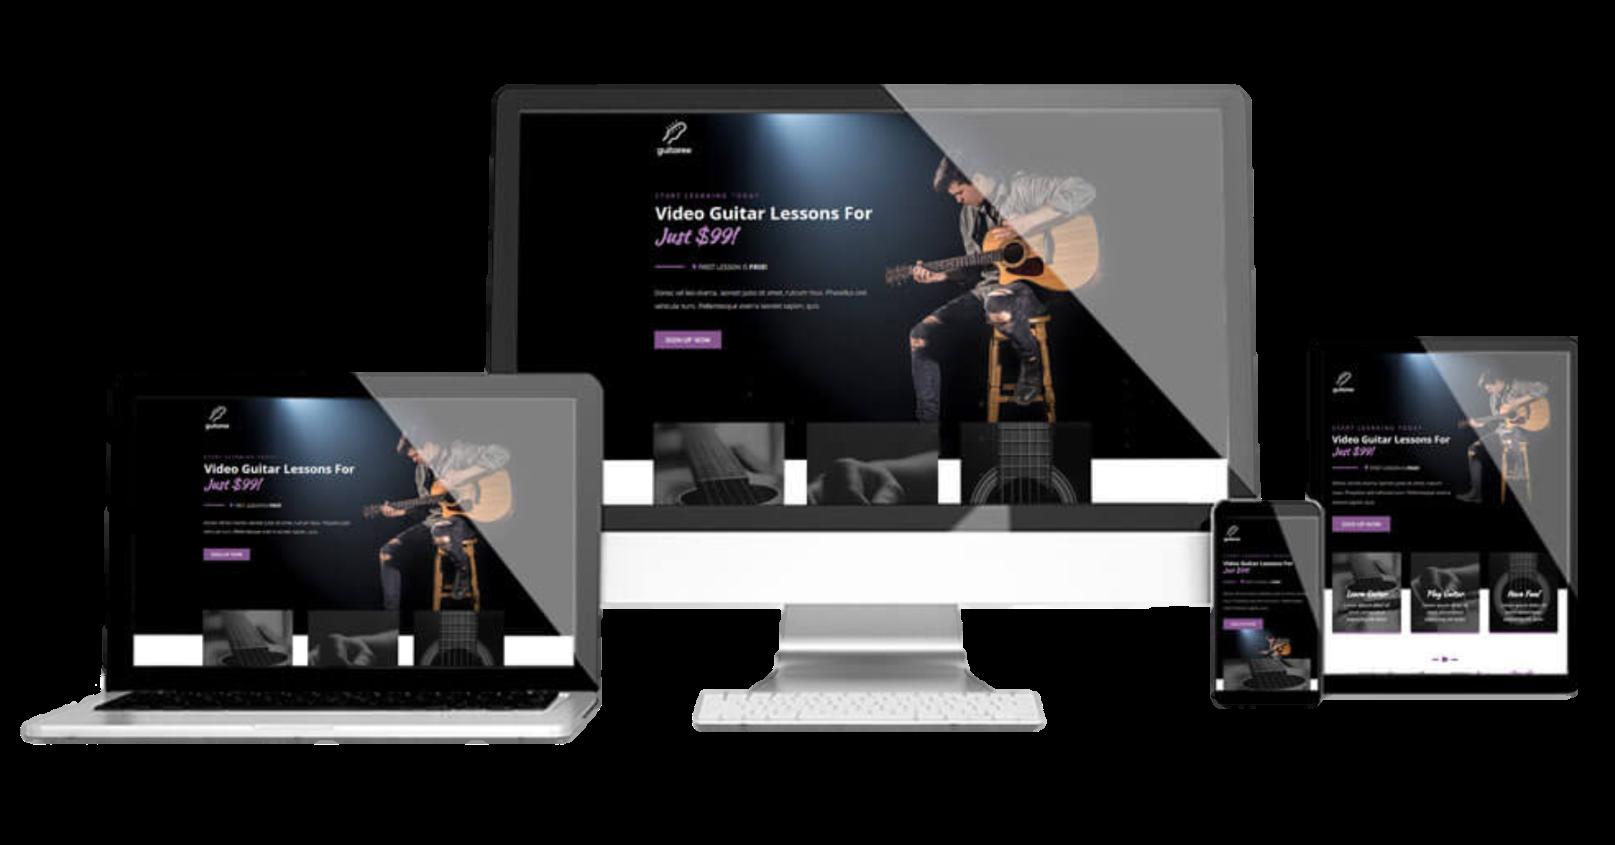 Eigener-Onlinekurs Instrument lernen